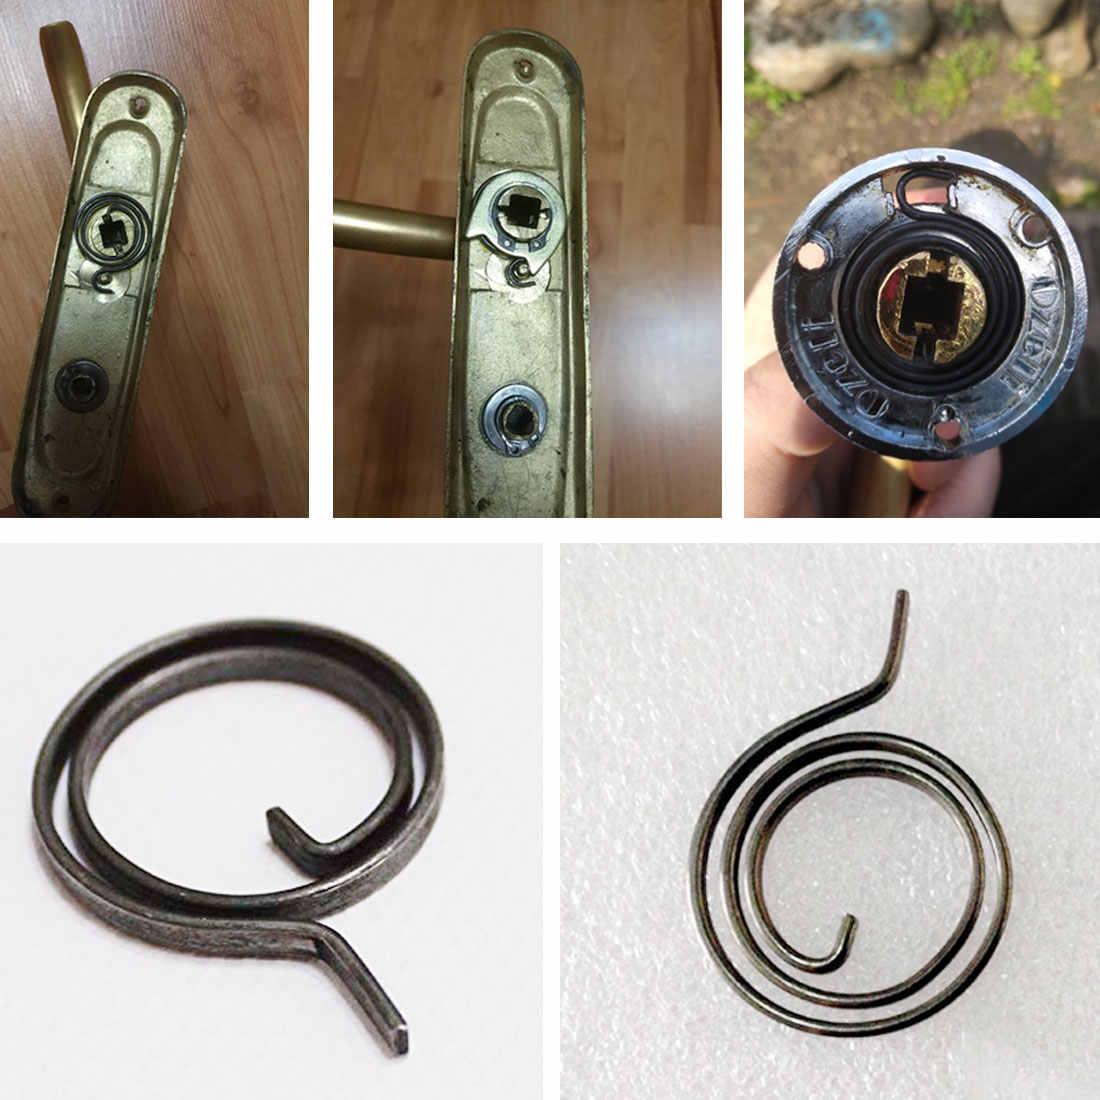 Ressort plat serrure torsion porte serrure torsion ressort fermeture éclair torsion pour bouton de porte poignée levier loquet interne bobine réparation